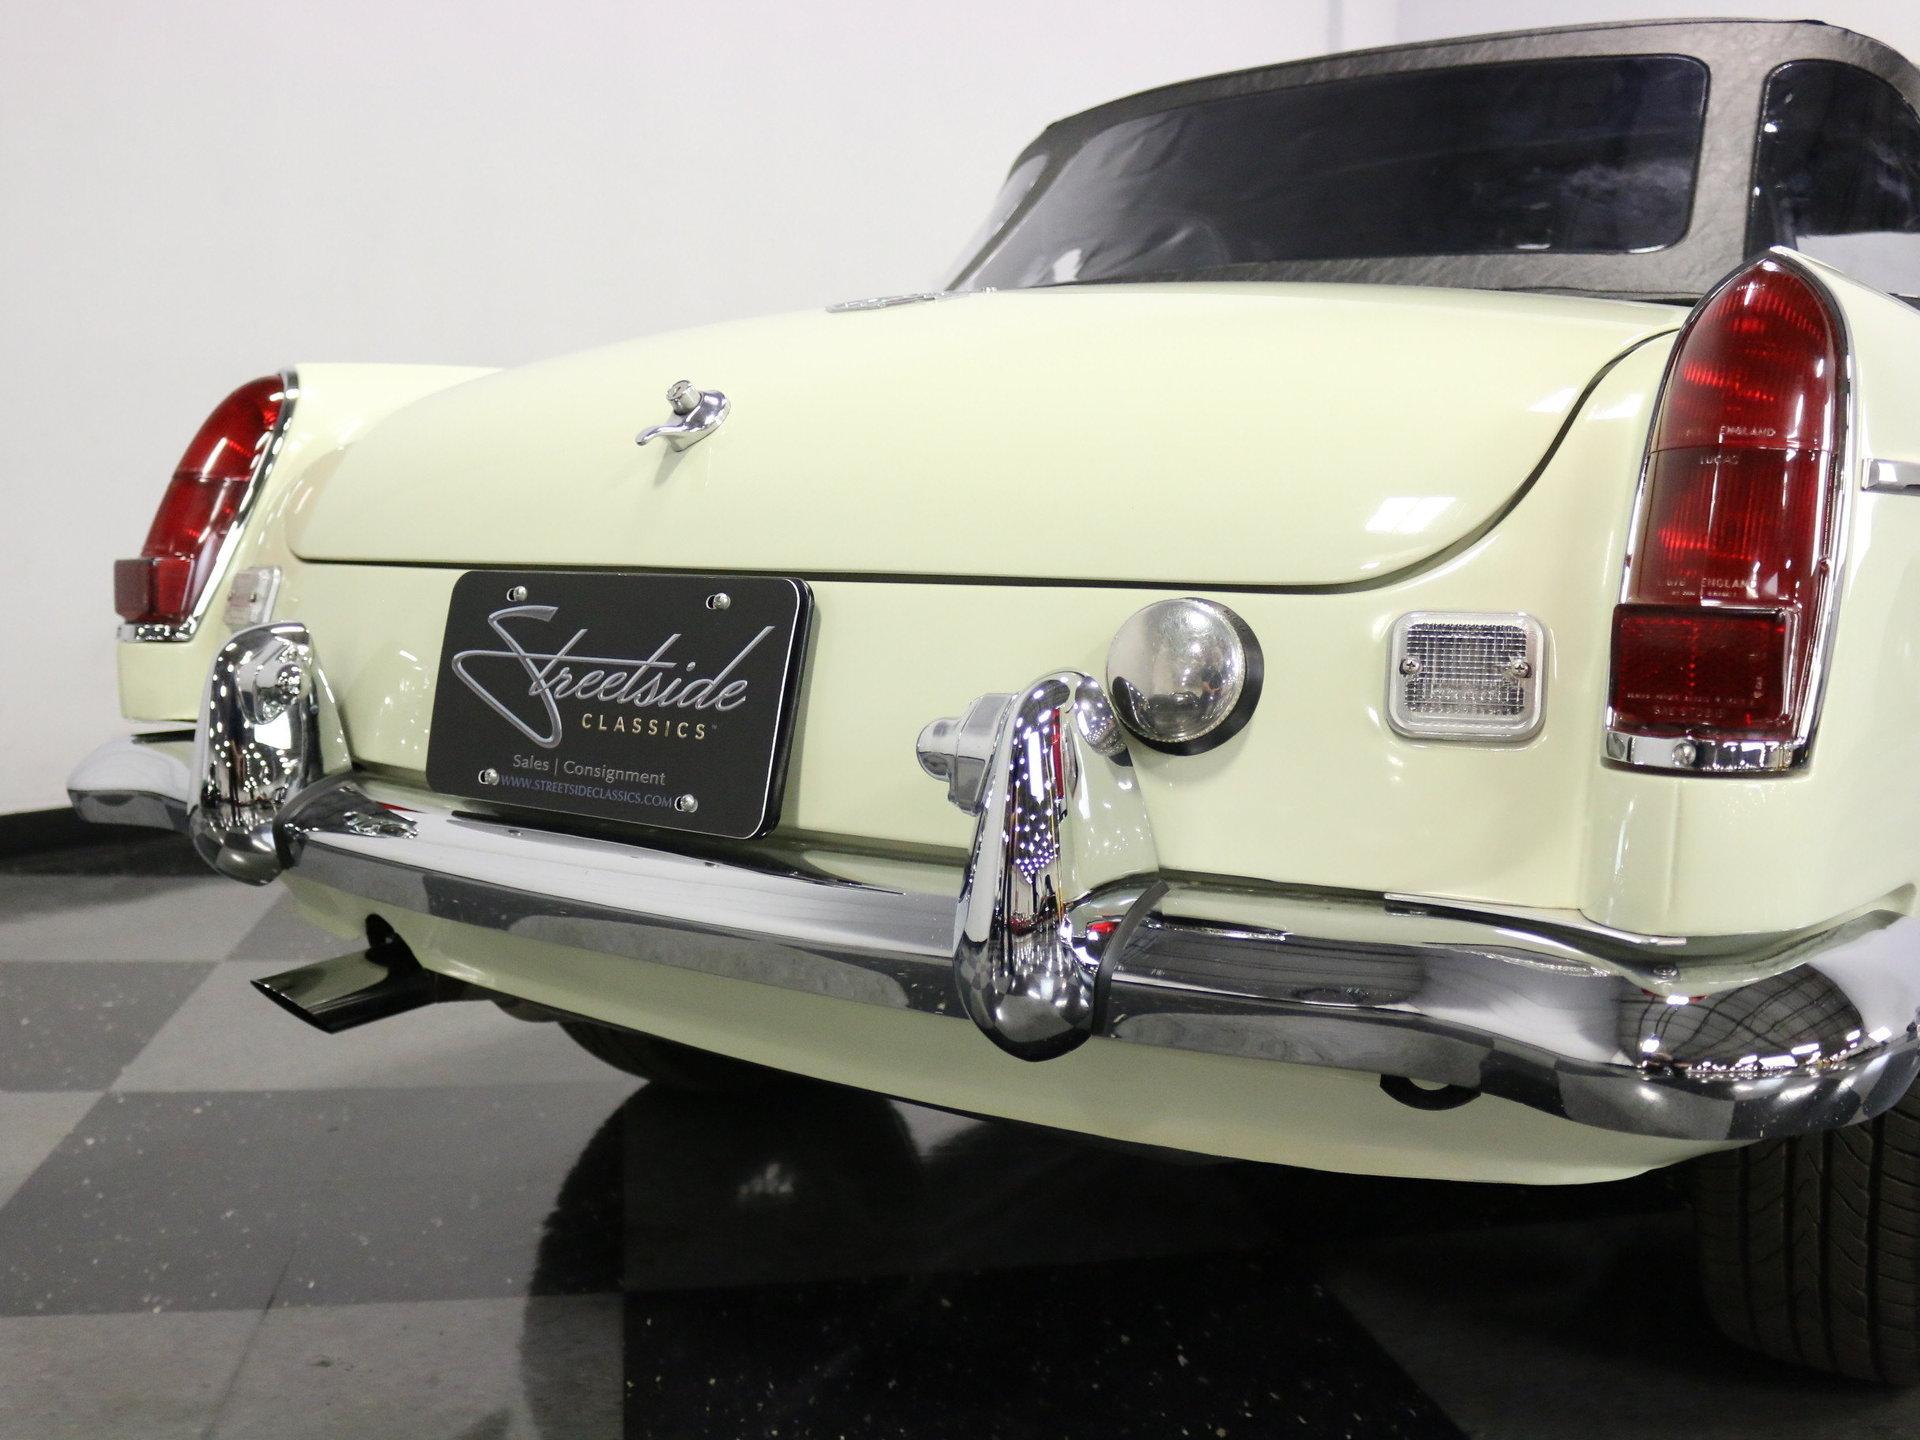 1969 MG MGC for sale #75167 | MCG